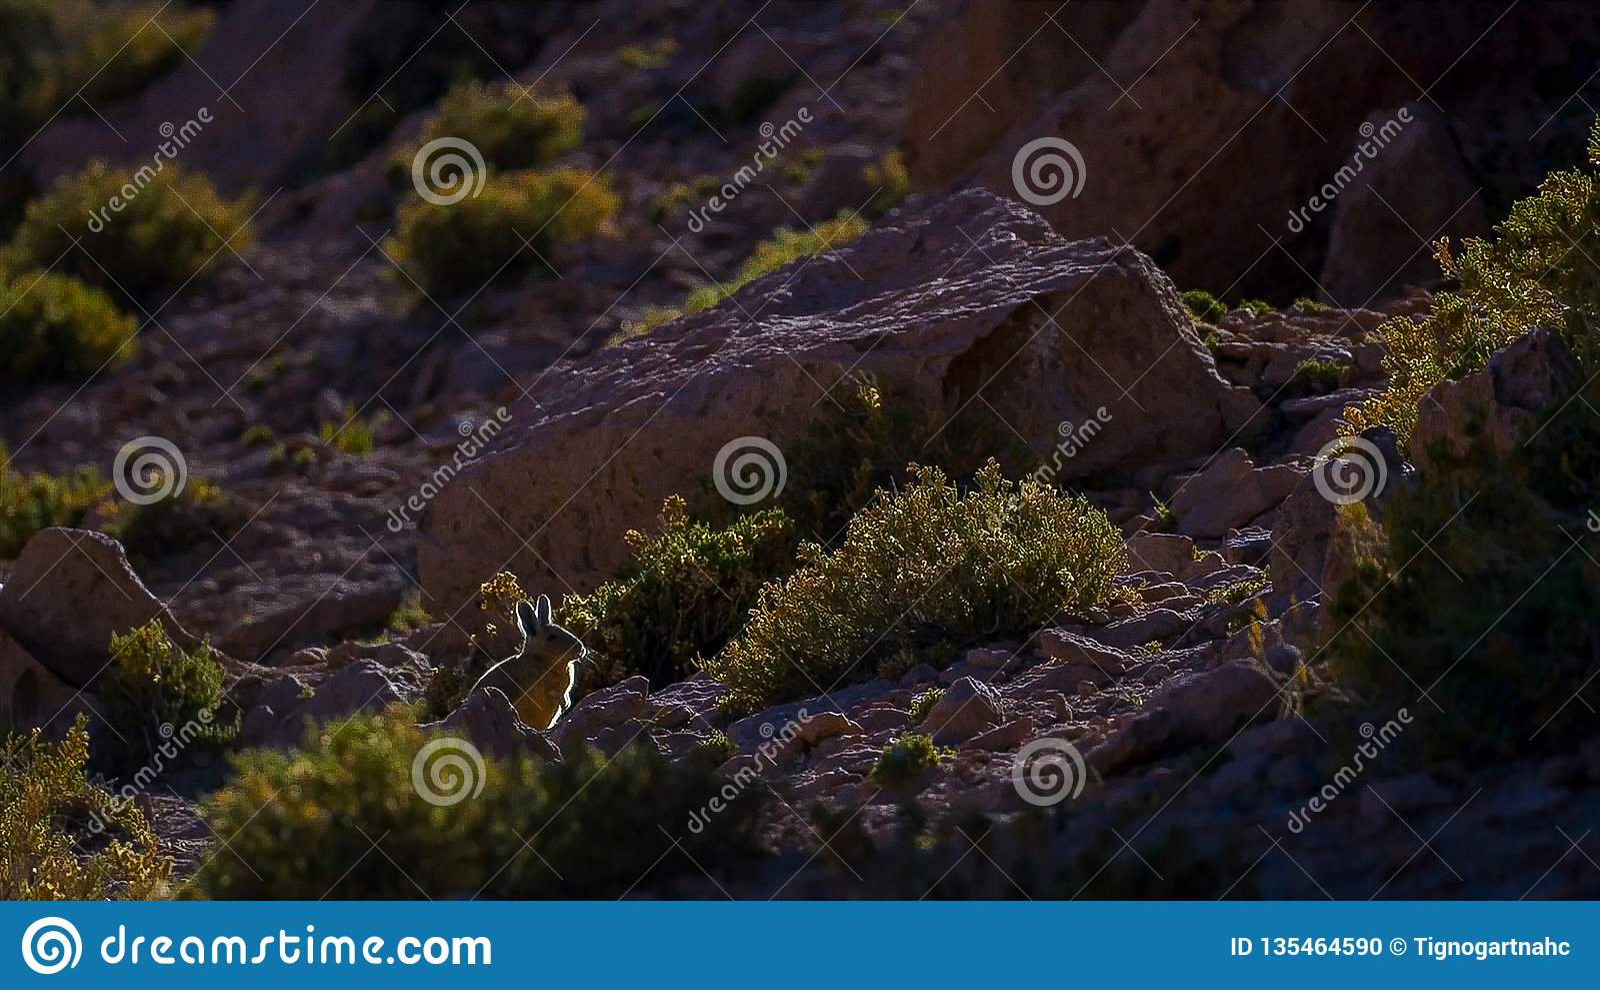 Lagidium do sul Viscacia de Viscacha ou de Vizcacha no deserto andino alto do platô em Bolívia